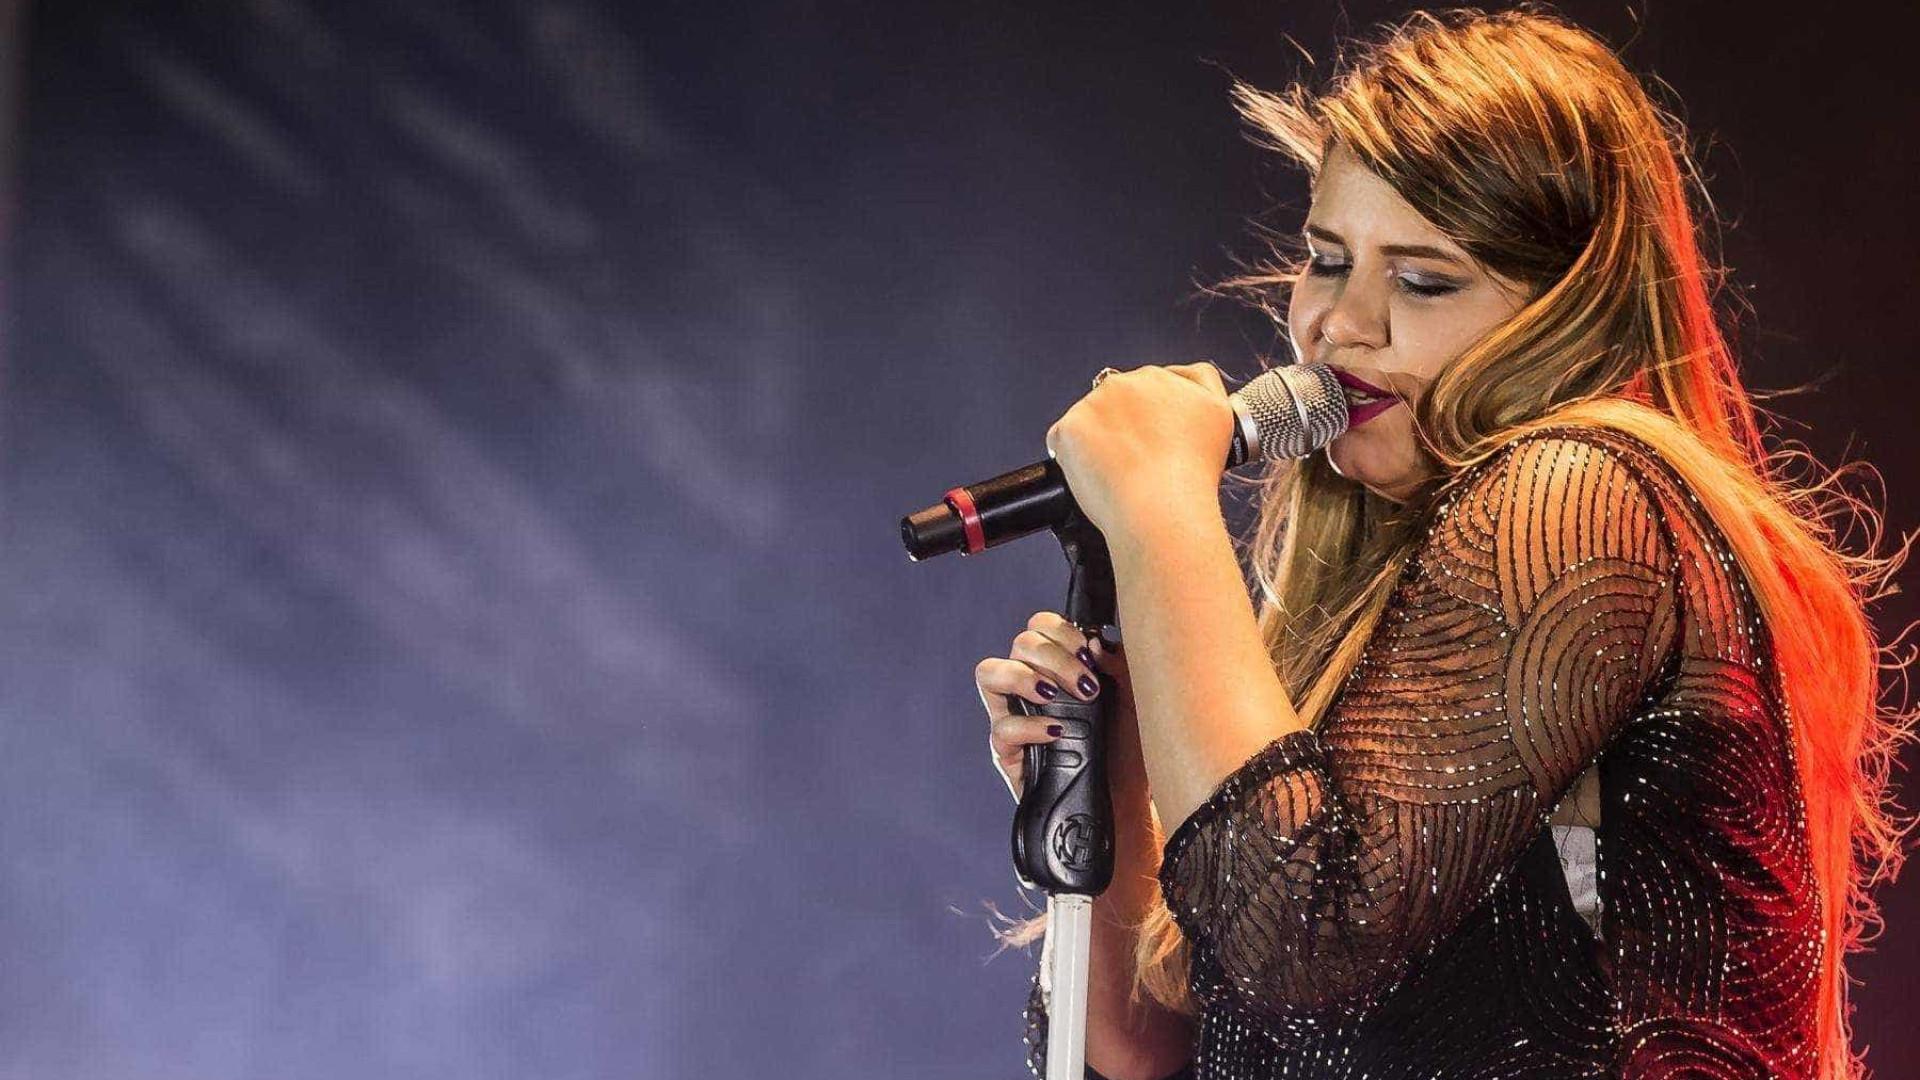 Marília Mendonça para show após fã jogar celular: 'Não sou cadela'